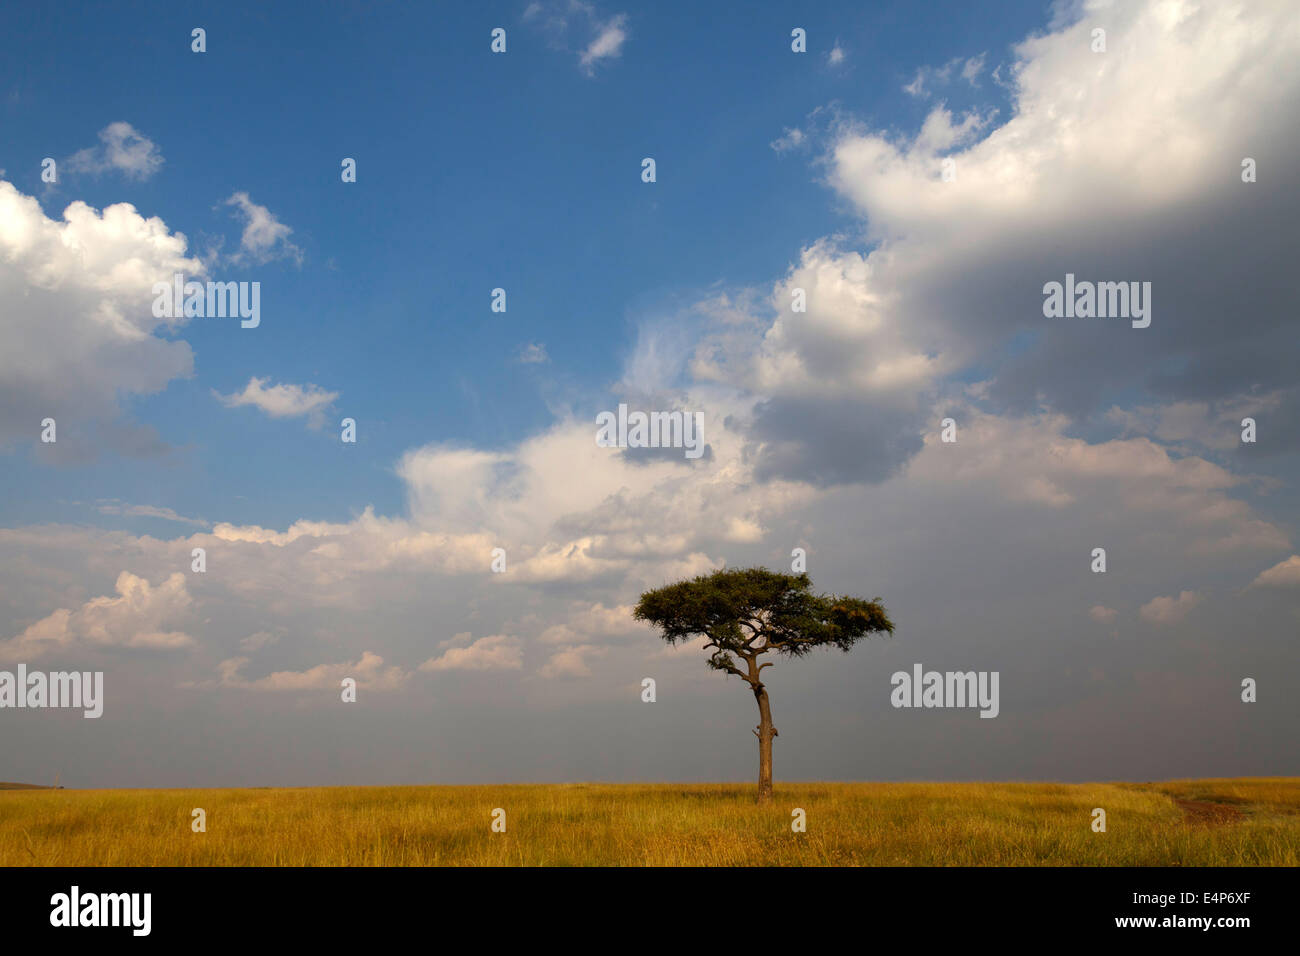 einzelner Baum in der Savanne mit Wolkenstimmung  Masai Mara, Kenia - Stock Image